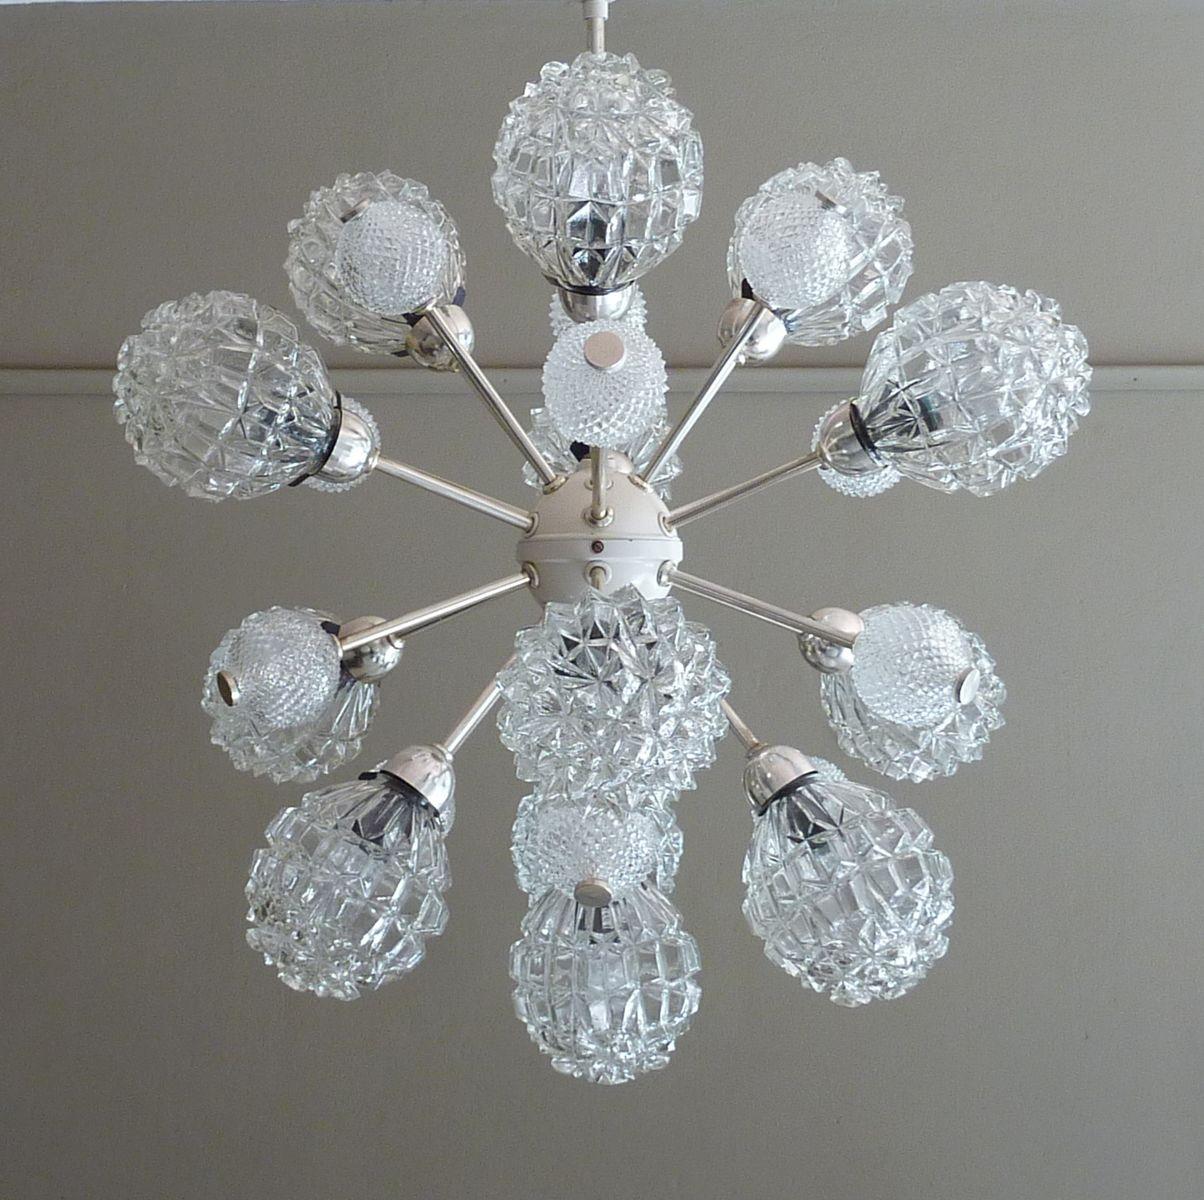 sputnik kronleuchter von richard essig 1970er bei pamono kaufen. Black Bedroom Furniture Sets. Home Design Ideas